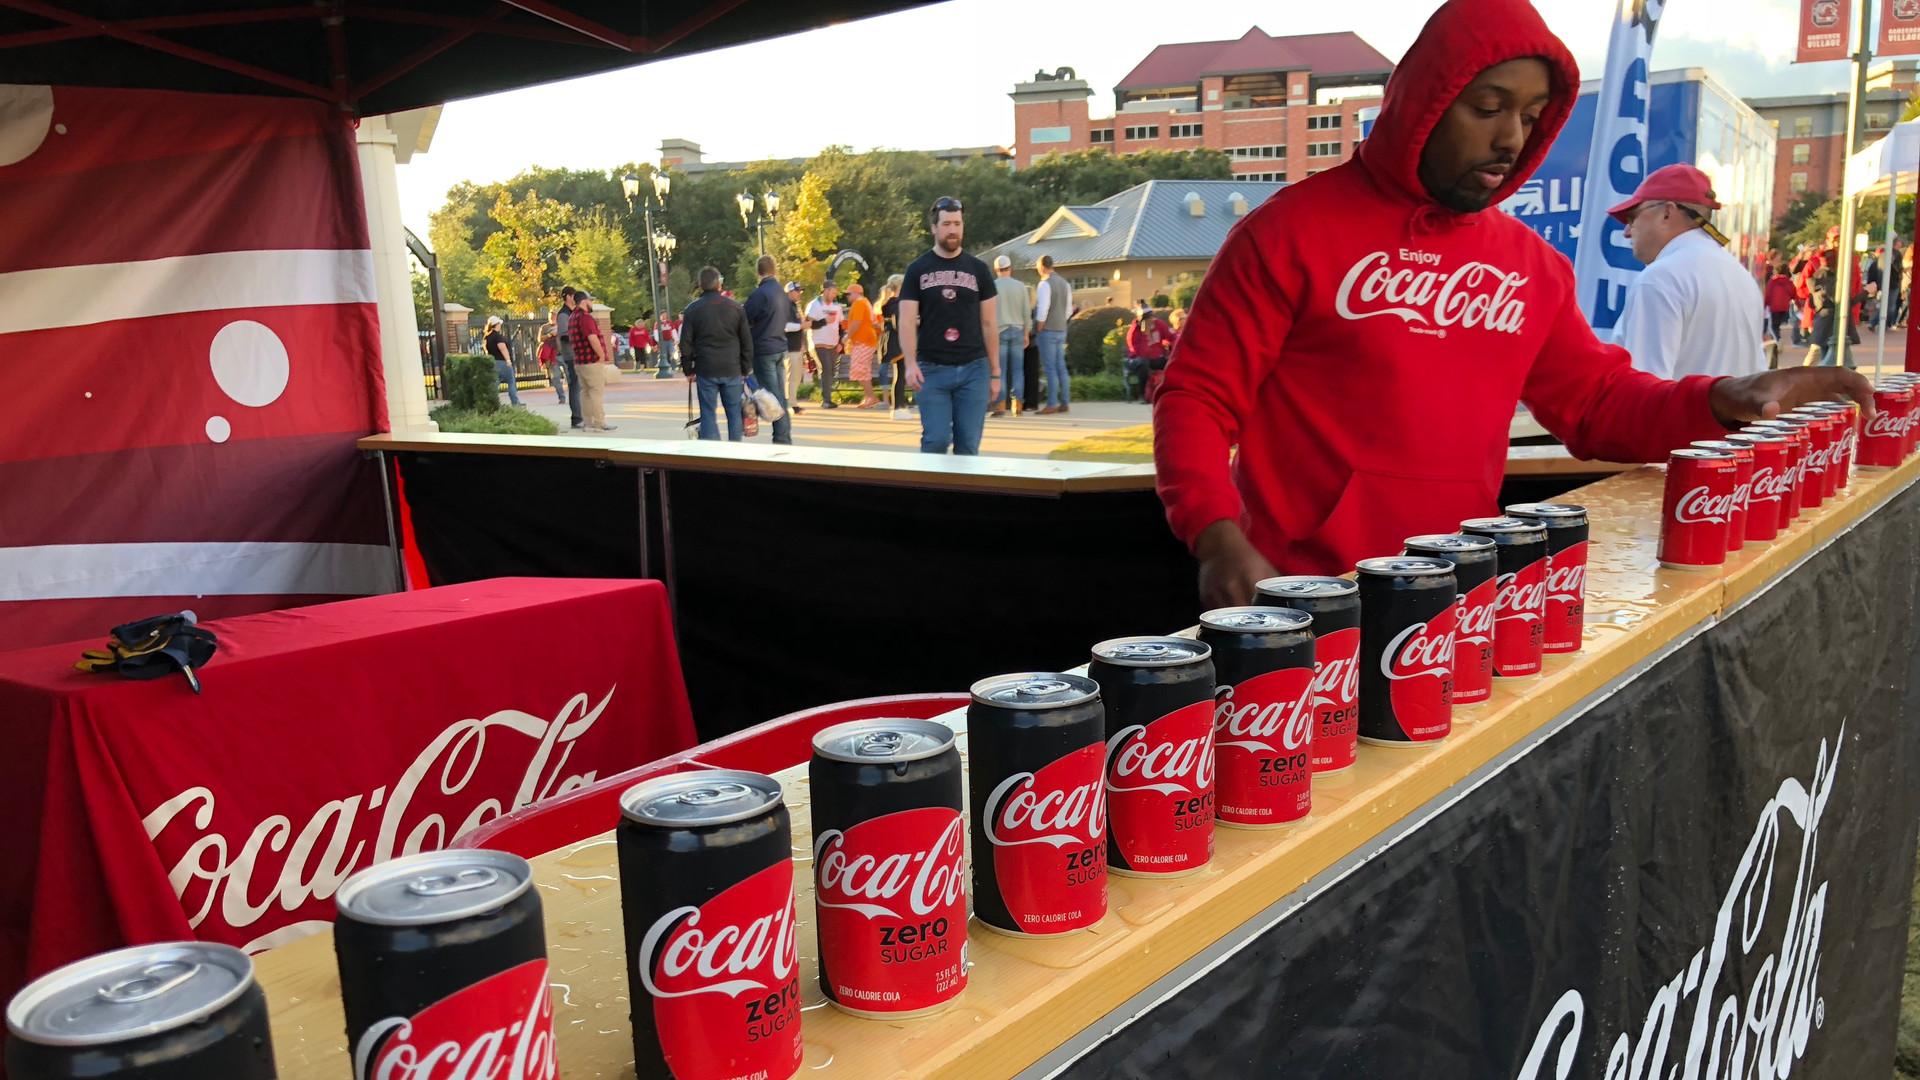 Coca-Cola Activation